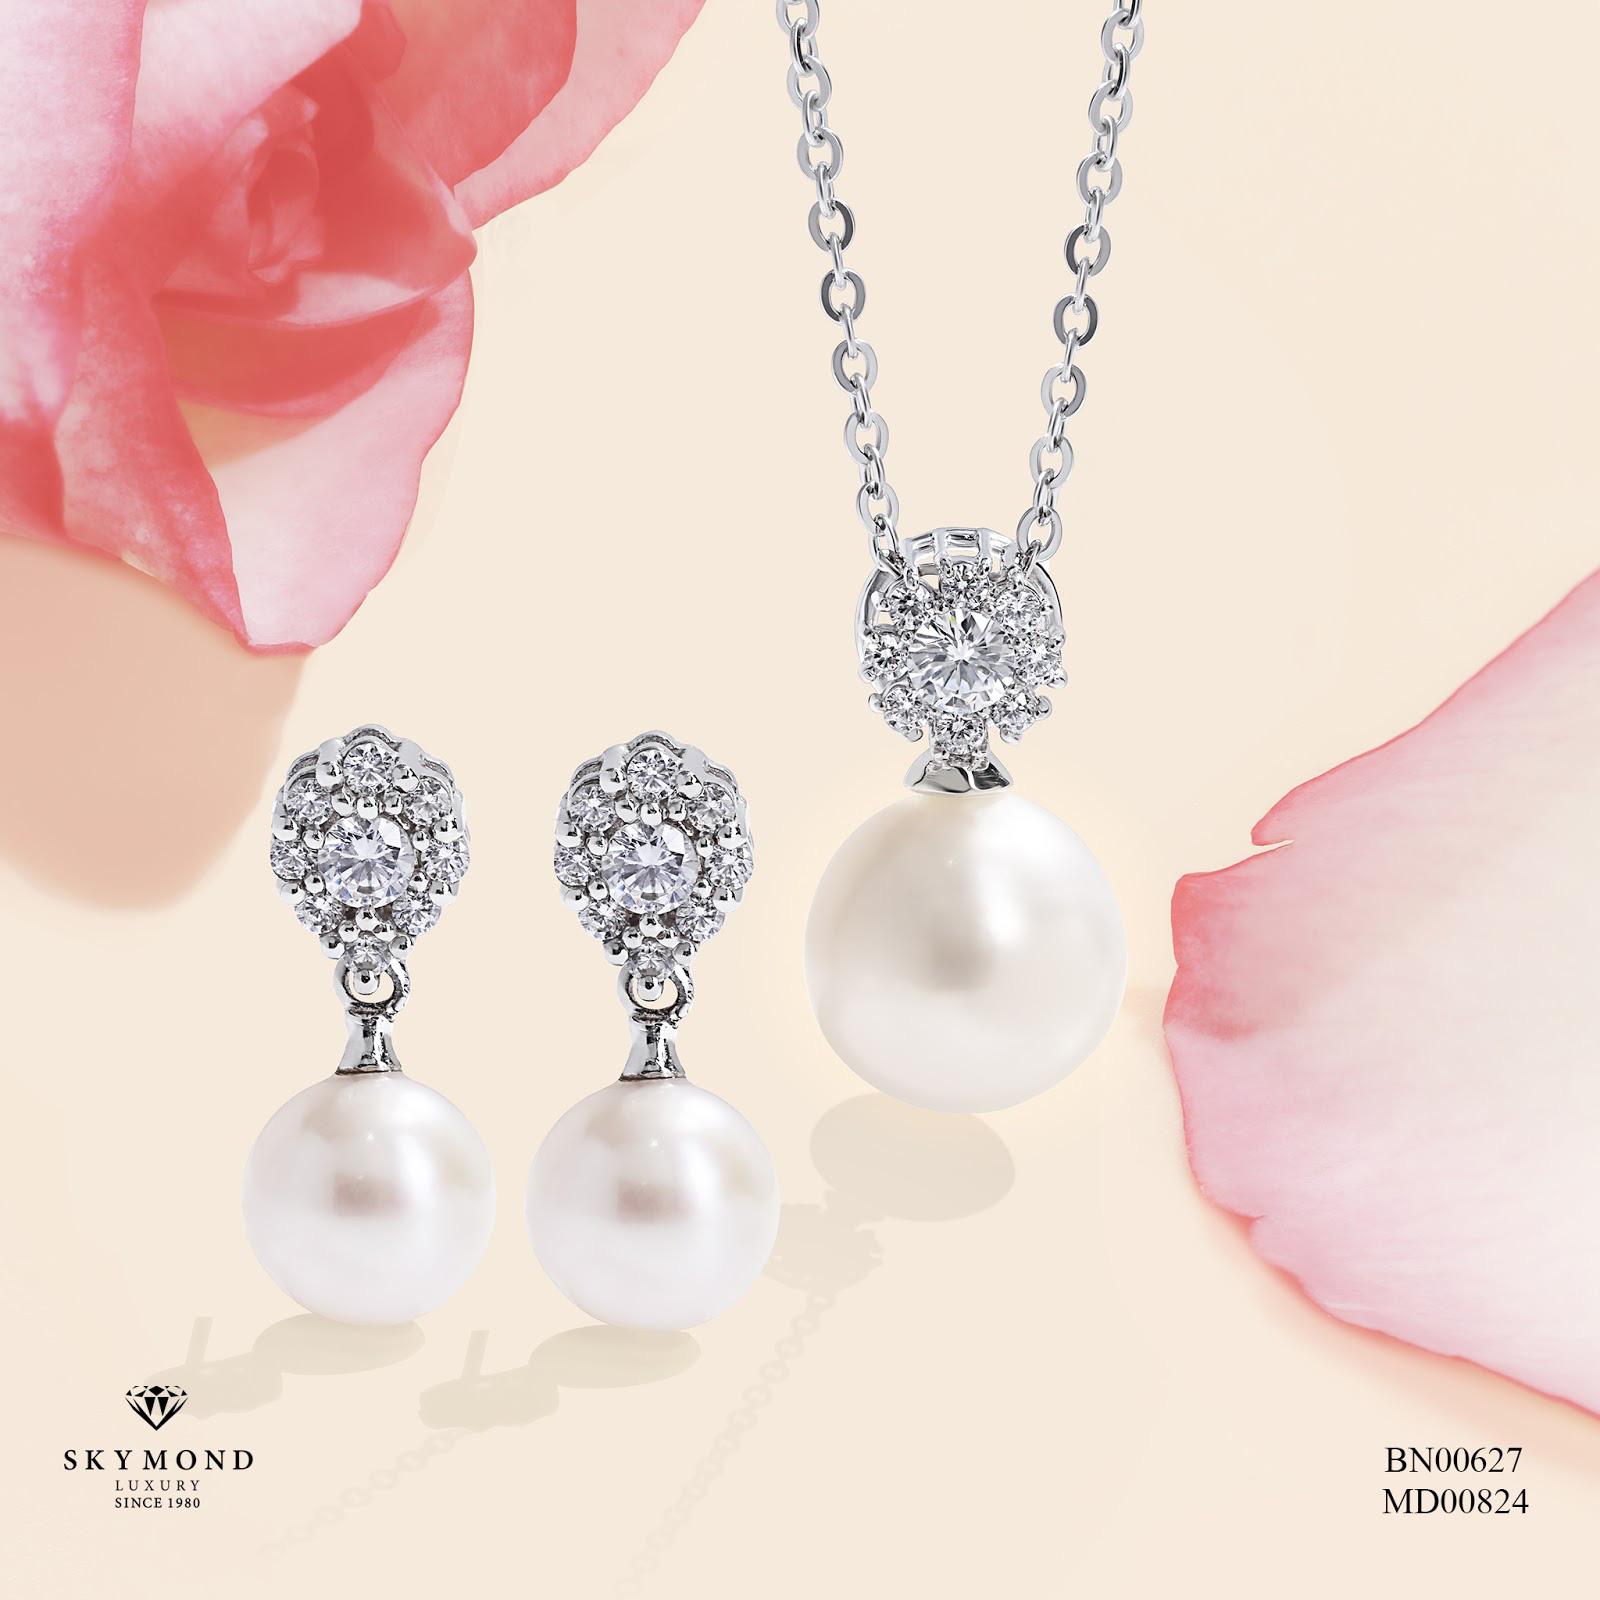 Nữ trang cao cấp Skymond Luxury lý giải tại sao phụ nữ xứng đáng được trao yêu thương - Ảnh 5.